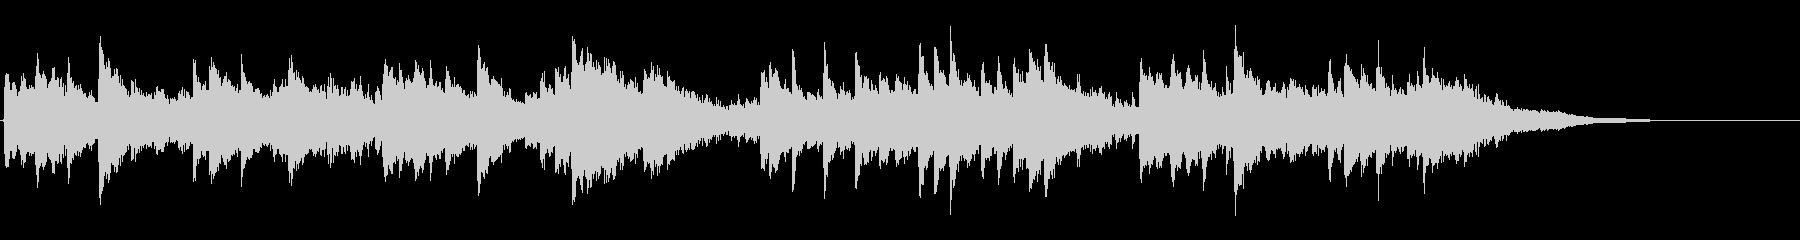 クラーマー=ビューロー練習曲より 41番の未再生の波形